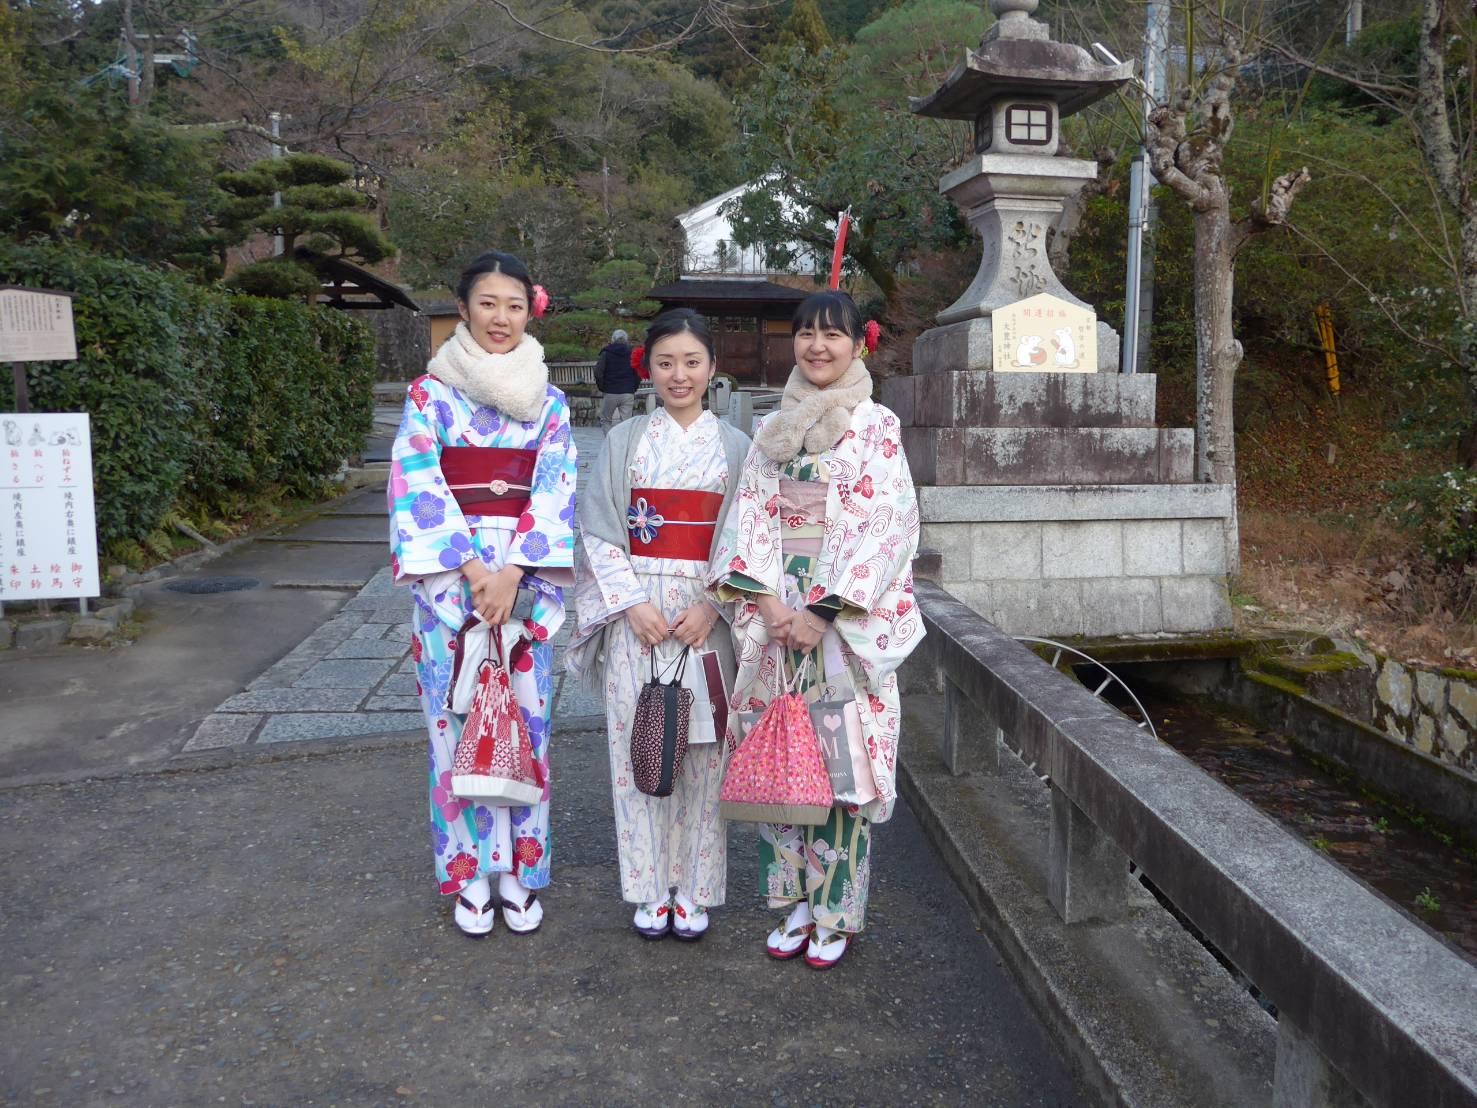 狛ねずみの大豊神社(おおとよじんじゃ)2020年1月15日10